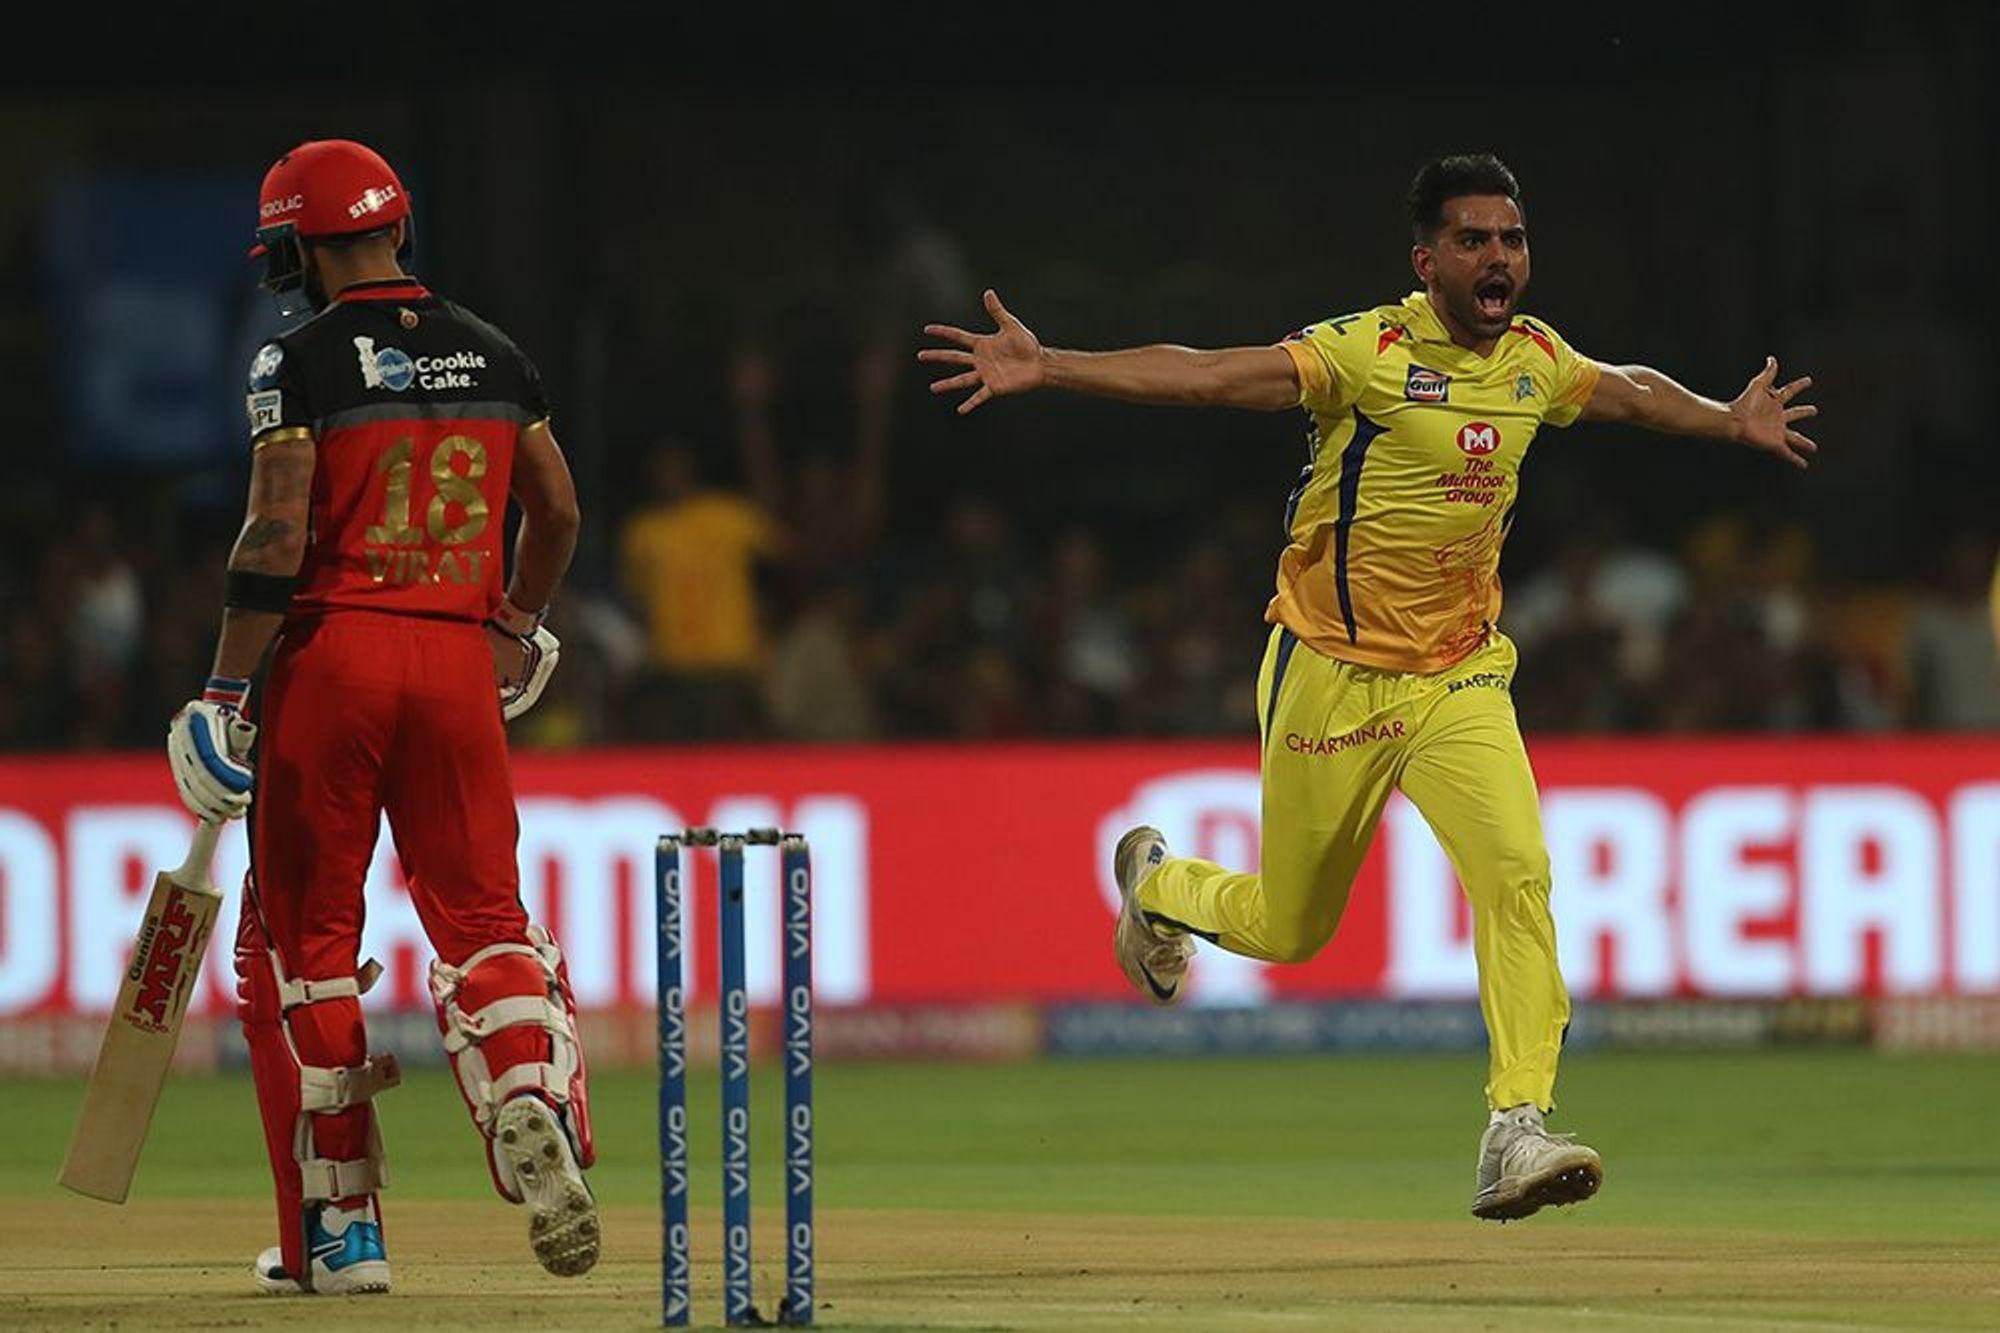 रॉयल चैलेंजर्स बैंगलोर की बल्लेबाजी रही फ्लॉप, विराट कोहली को इस वजह से लोगों ने किया ट्रोल